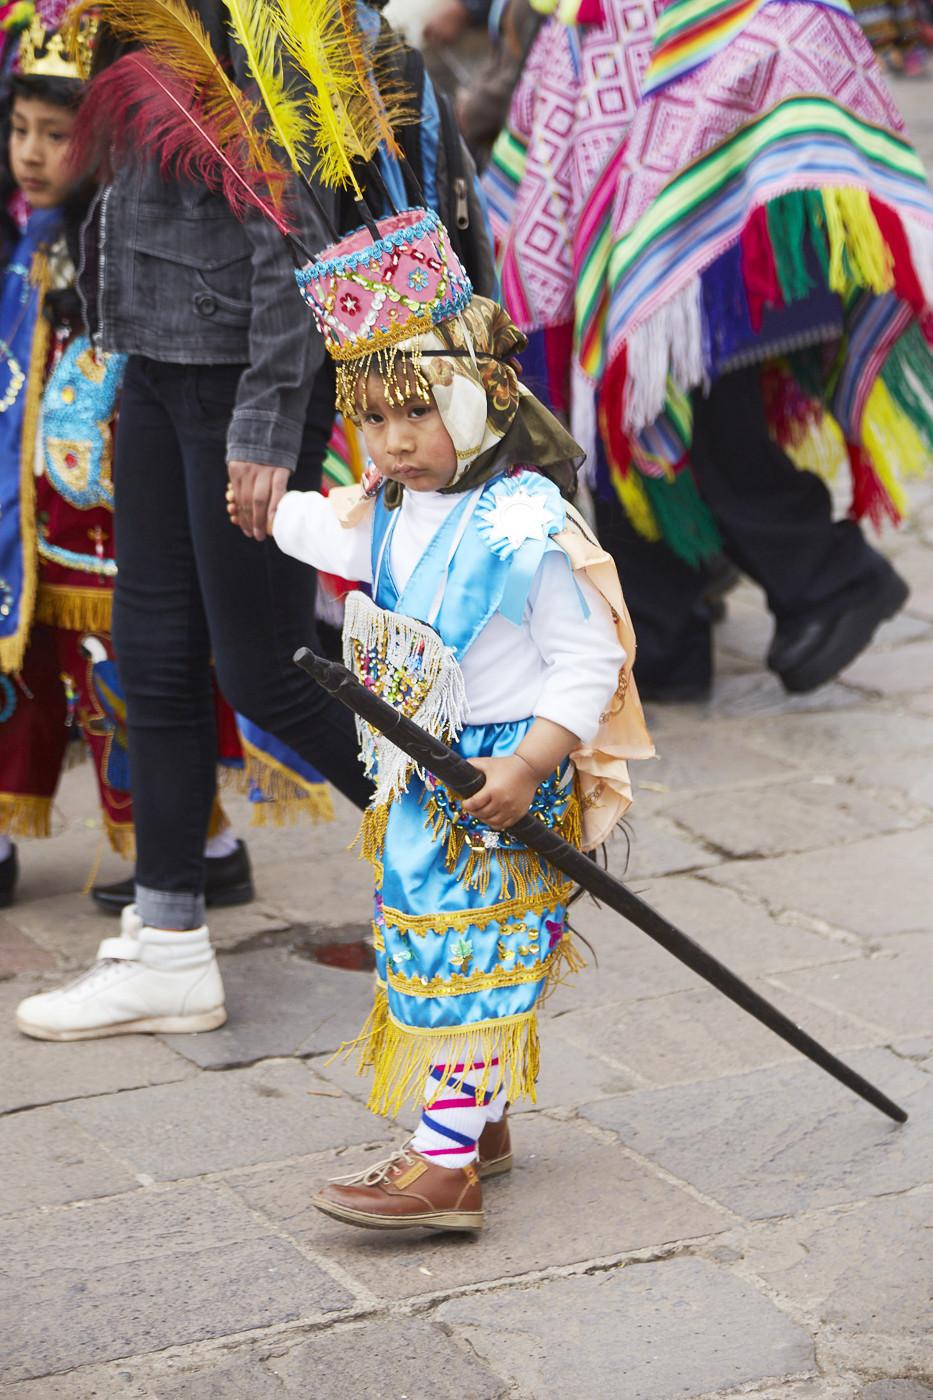 Kind verkleidet, vermutlich als Inka König, in blauem Gewand, Kopfschmuck mit Federn und einem Gehstock